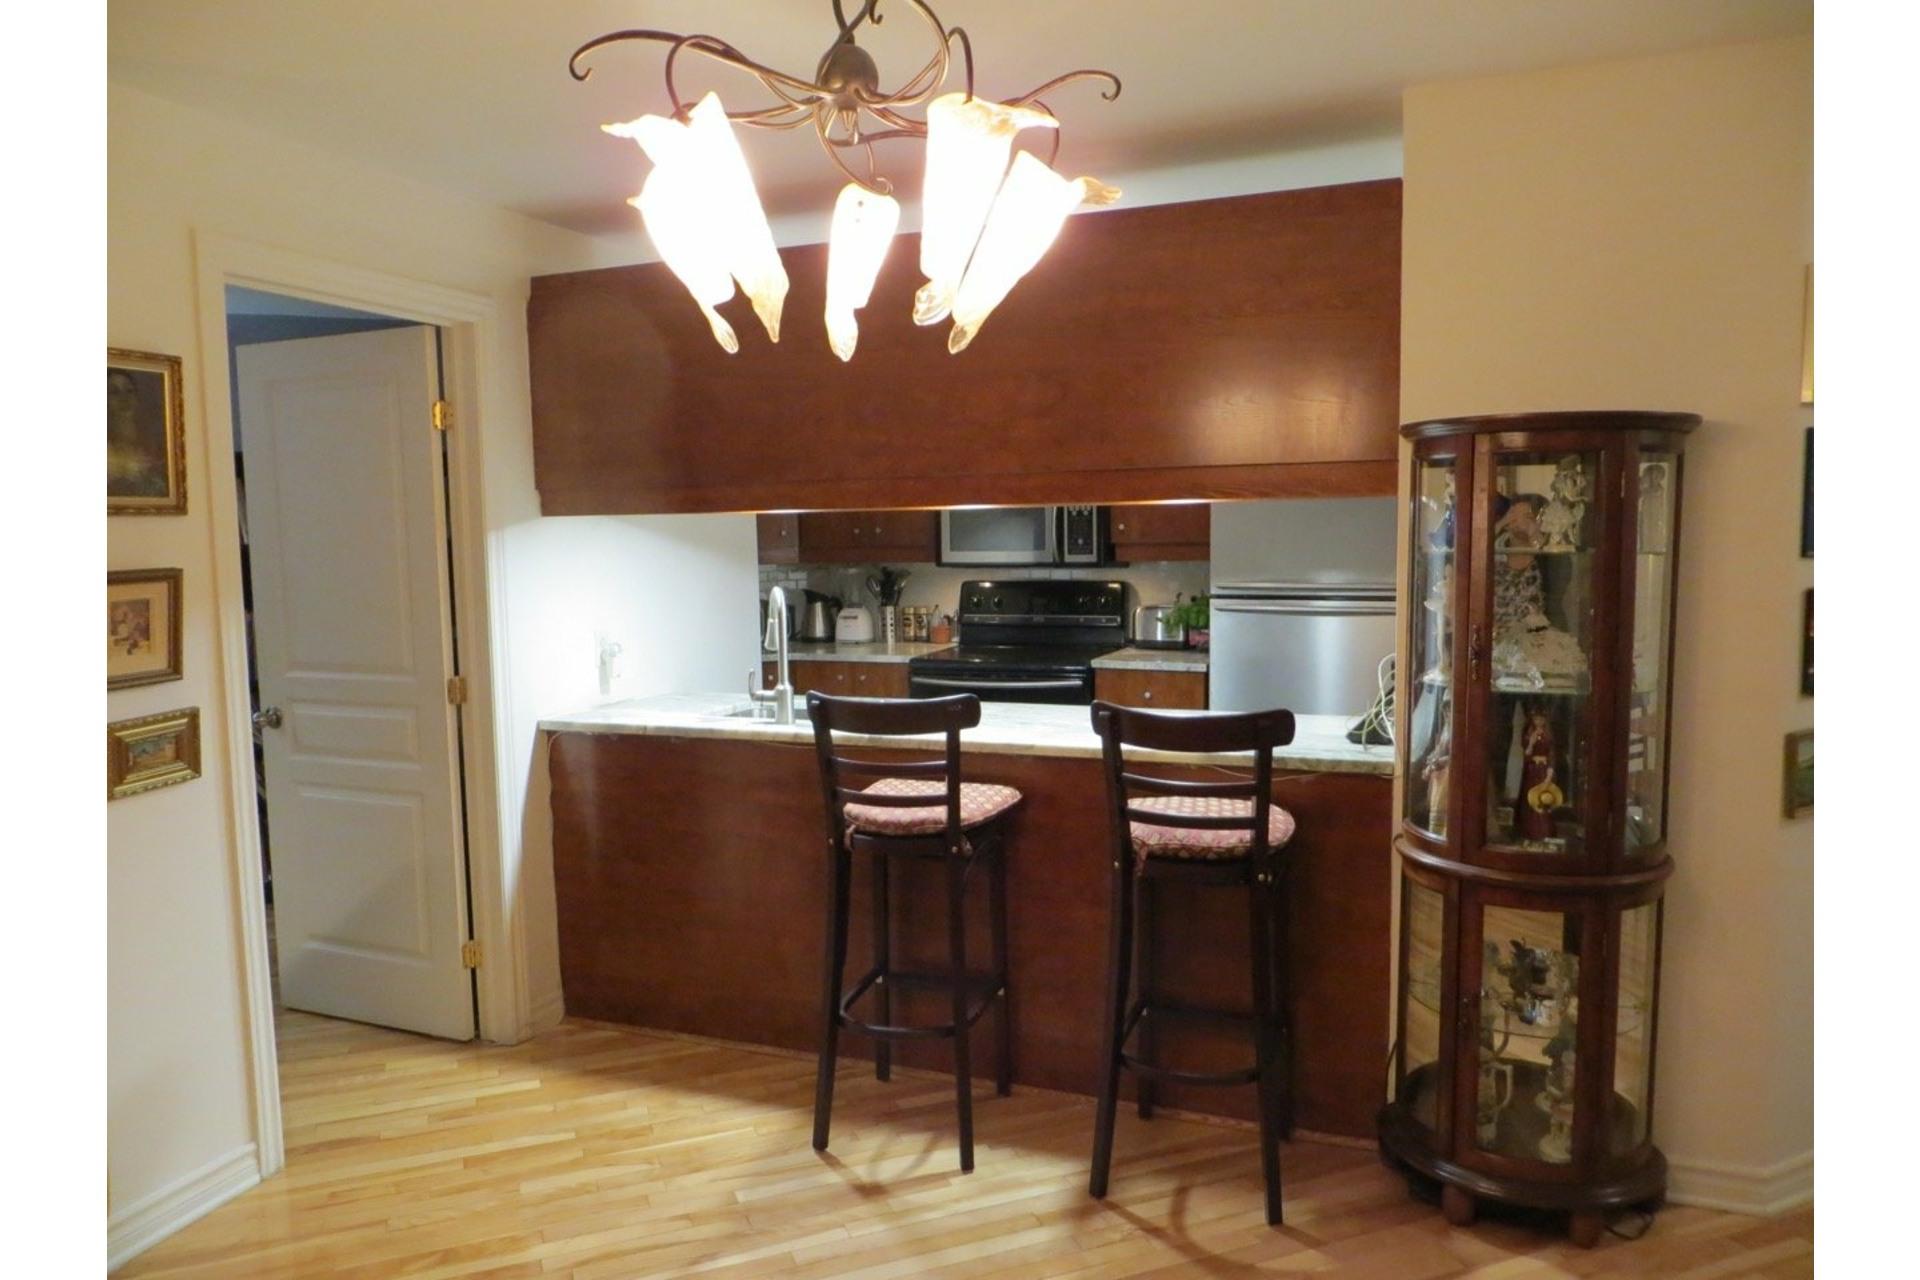 image 26 - Appartement À vendre Côte-des-Neiges/Notre-Dame-de-Grâce Montréal  - 6 pièces